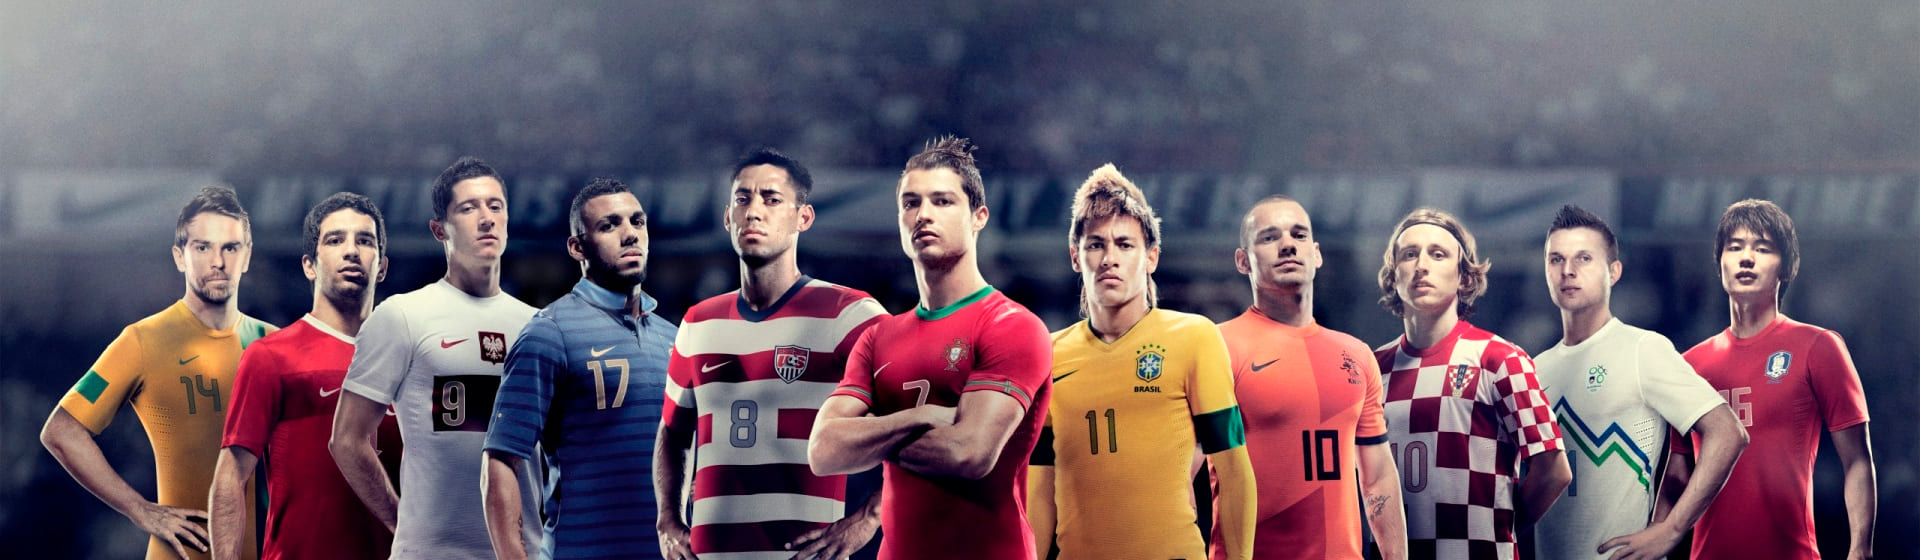 Футбольные игроки - Женские толстовки